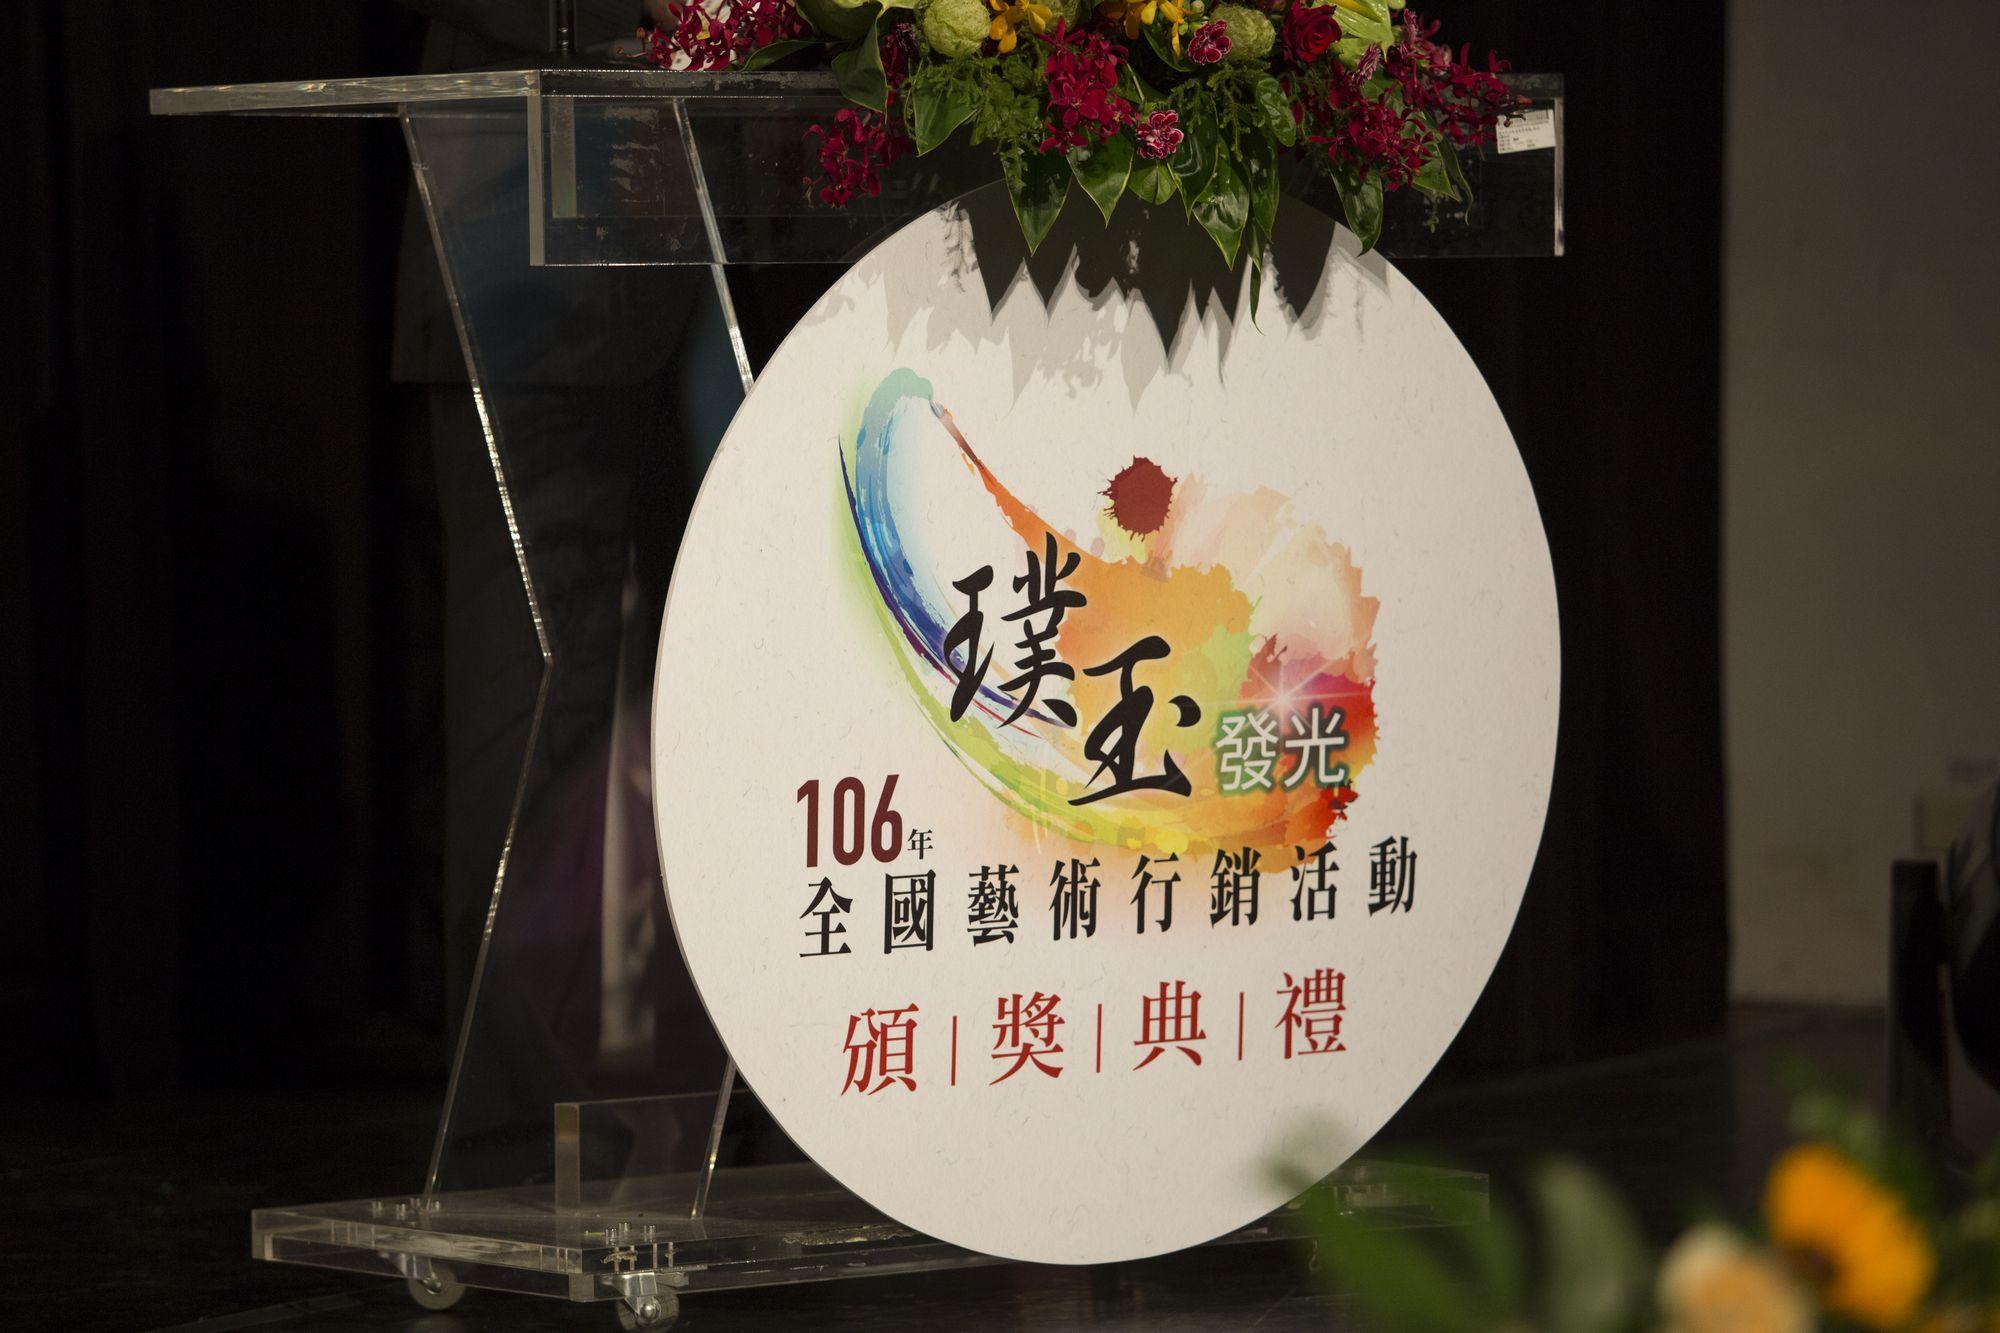 106年「璞玉發光-全國藝術行銷活動」頒獎典禮